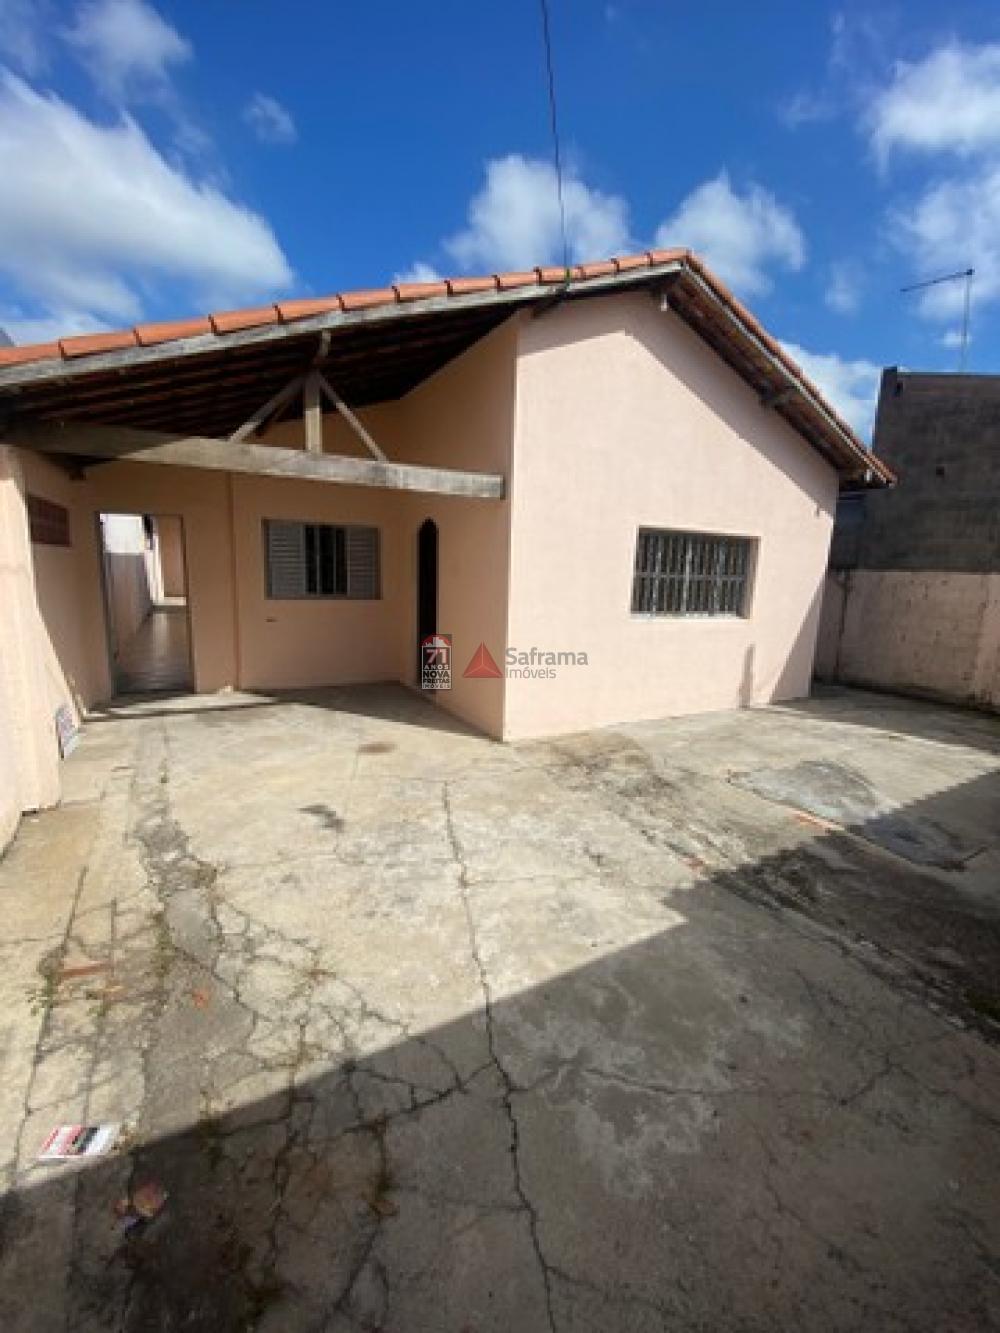 Comprar Casa / Padrão em São José dos Campos R$ 450.000,00 - Foto 1